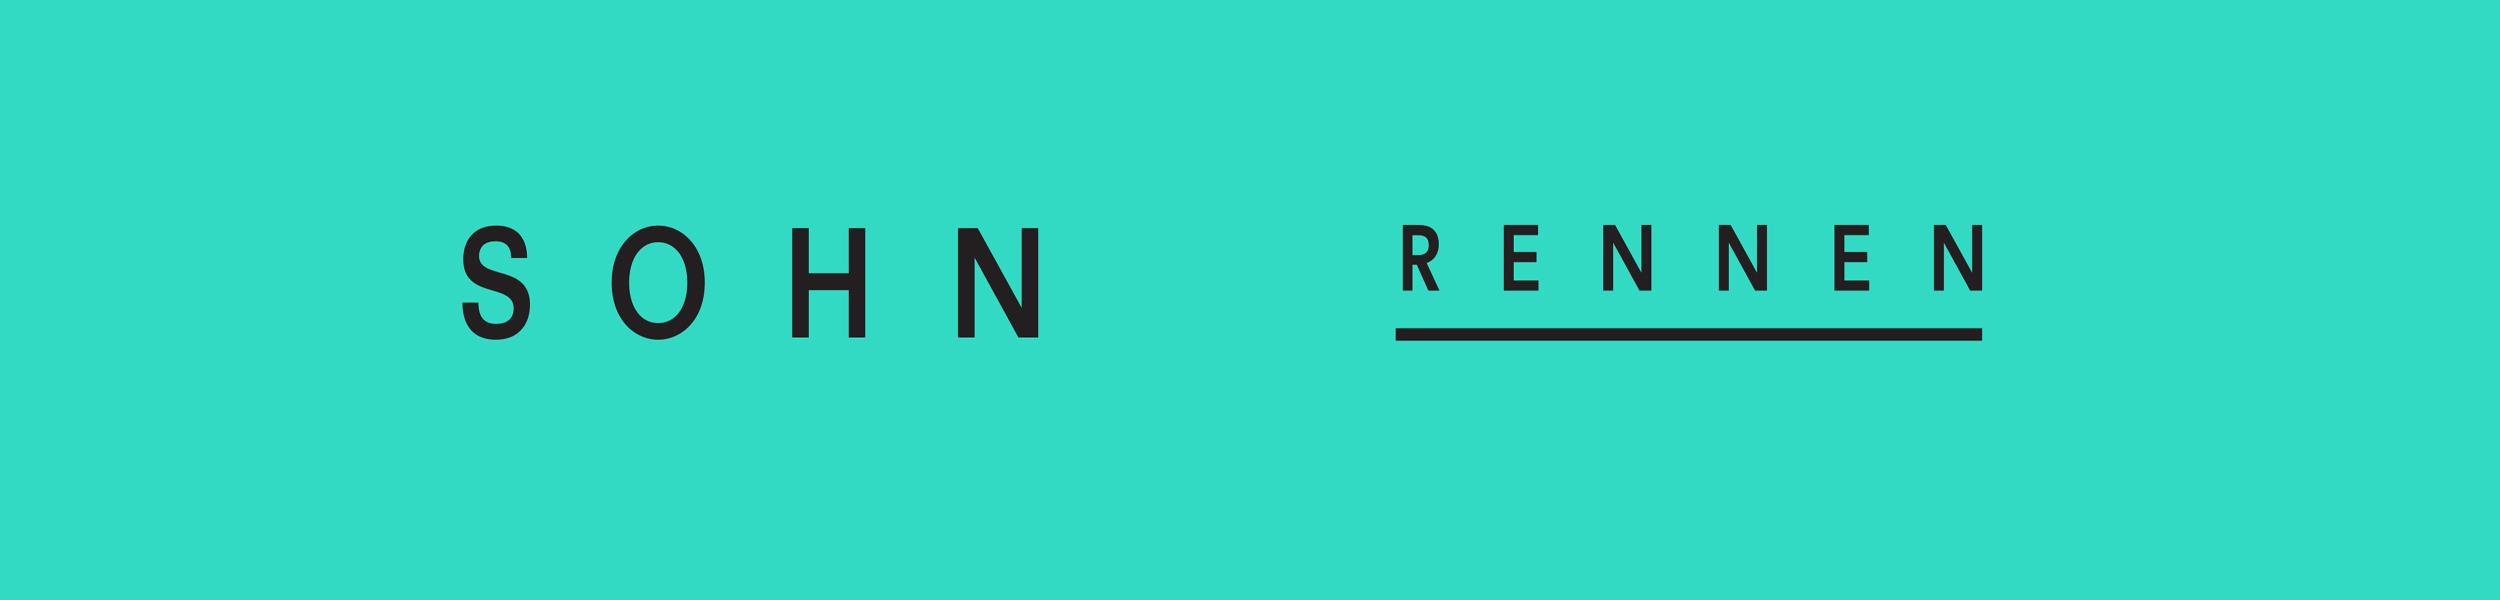 SOHN - New Album 'Rennen', Plus 'Conrad' Video & Dates